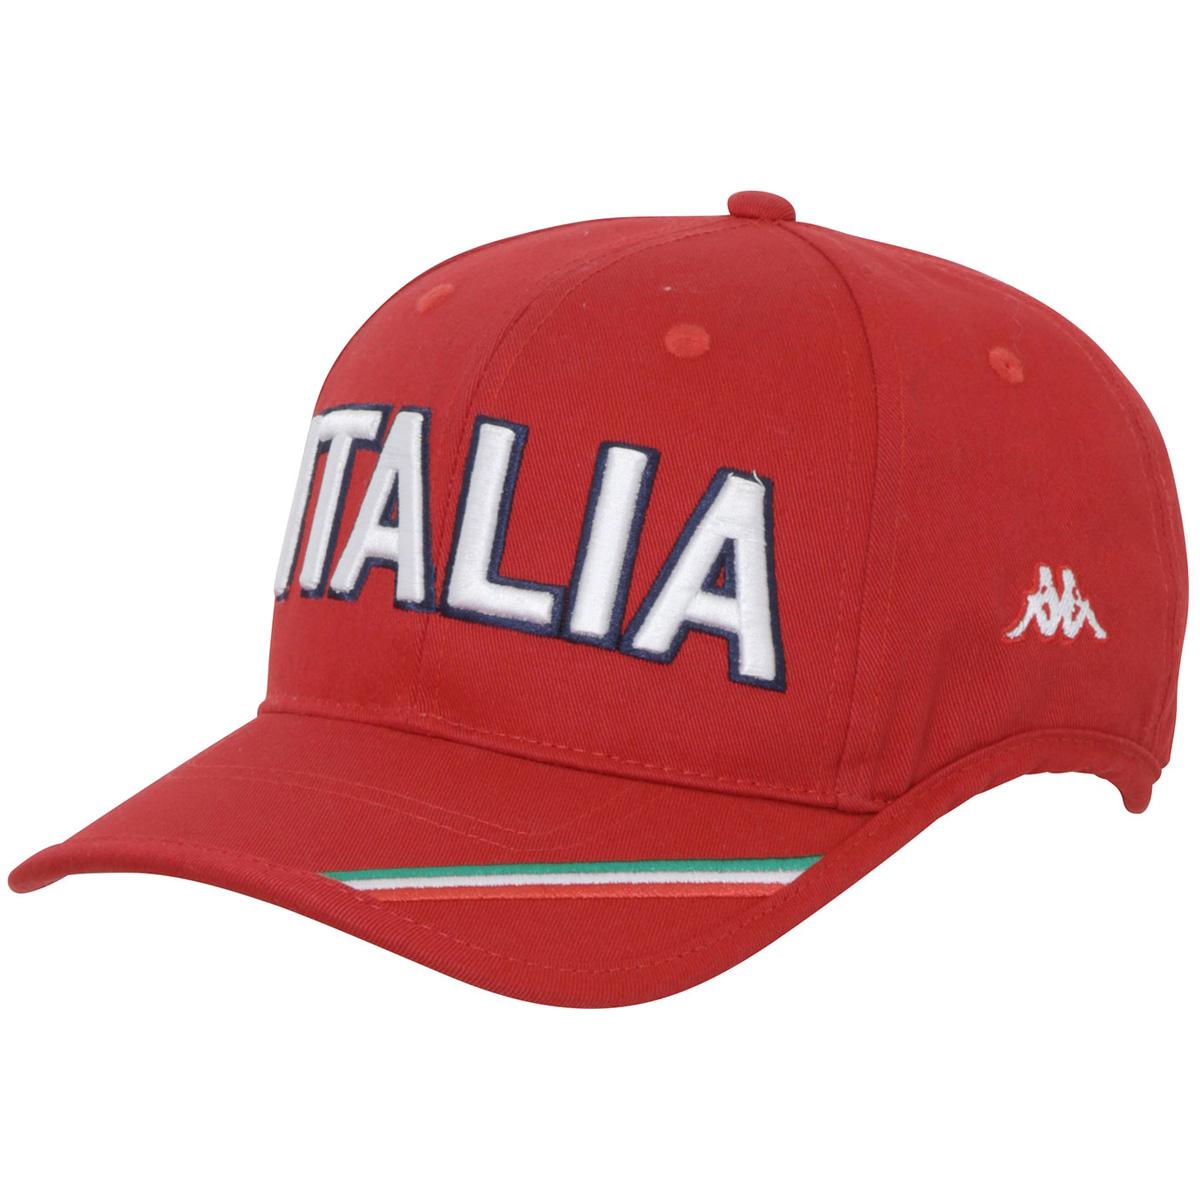 Kappa GOLF ITALIAロゴ刺繍キャップ